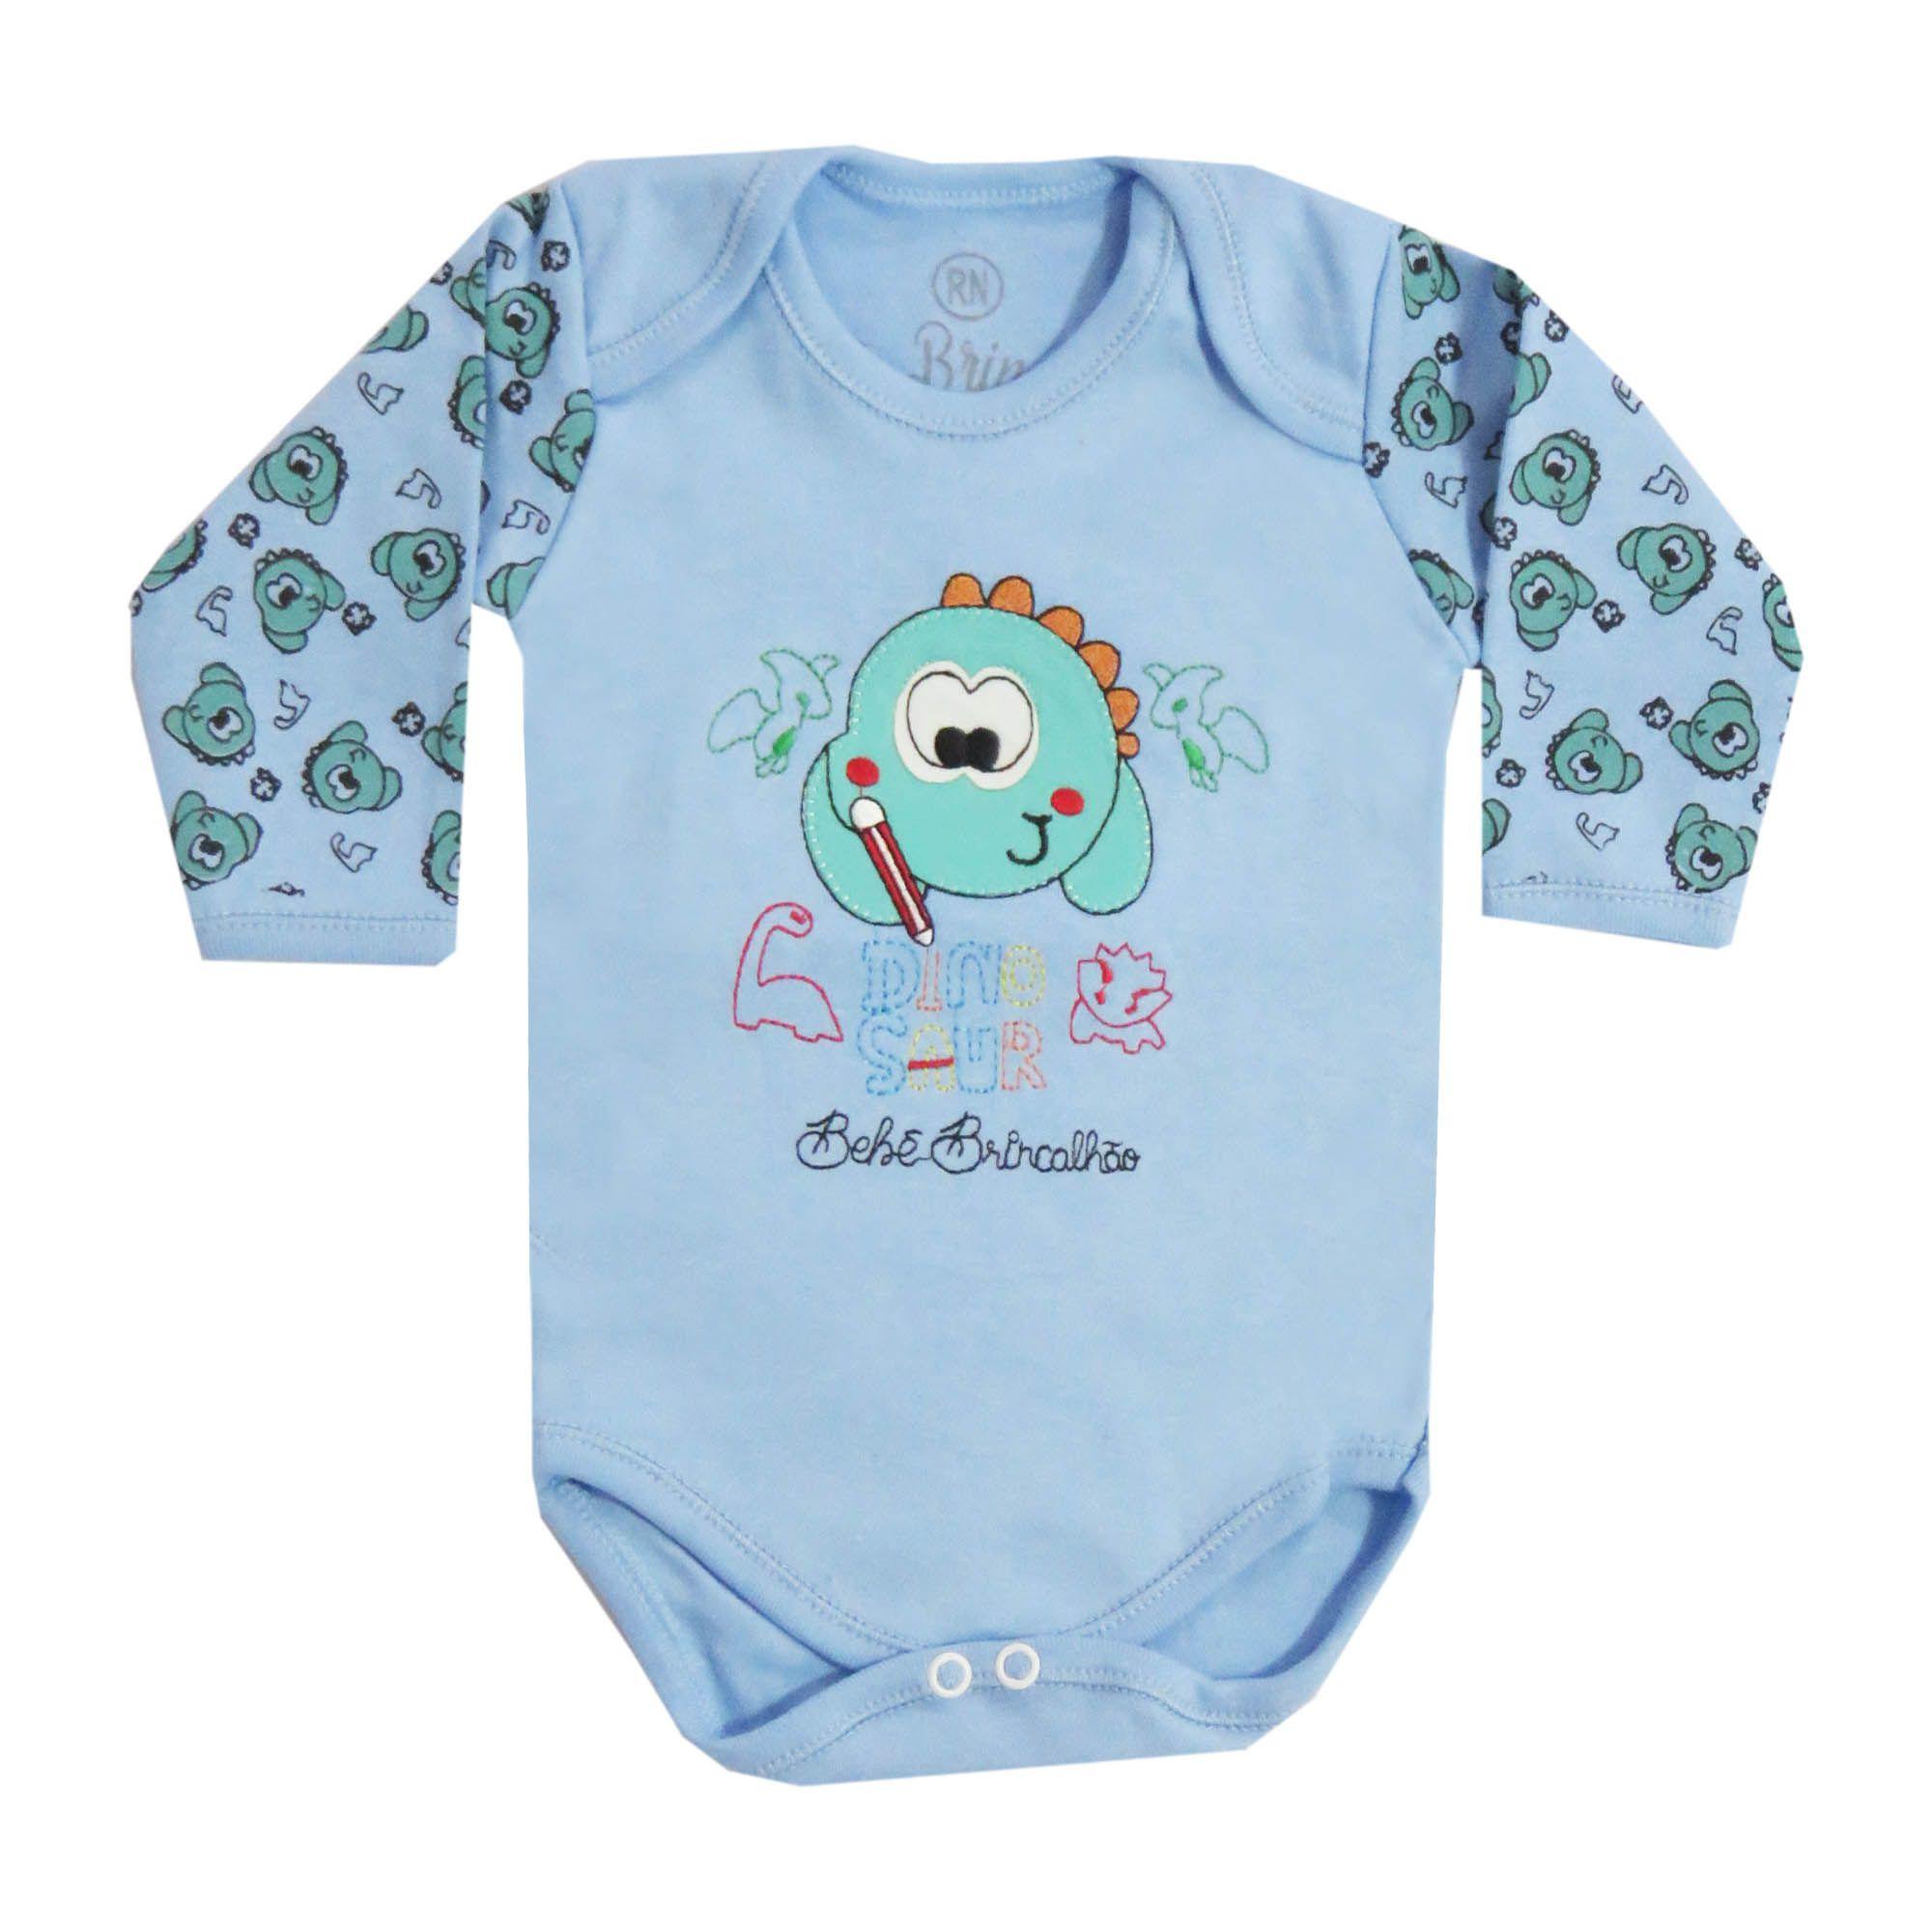 Body Bebê Brincalhão Bordado Dinossauros - Rn ao G